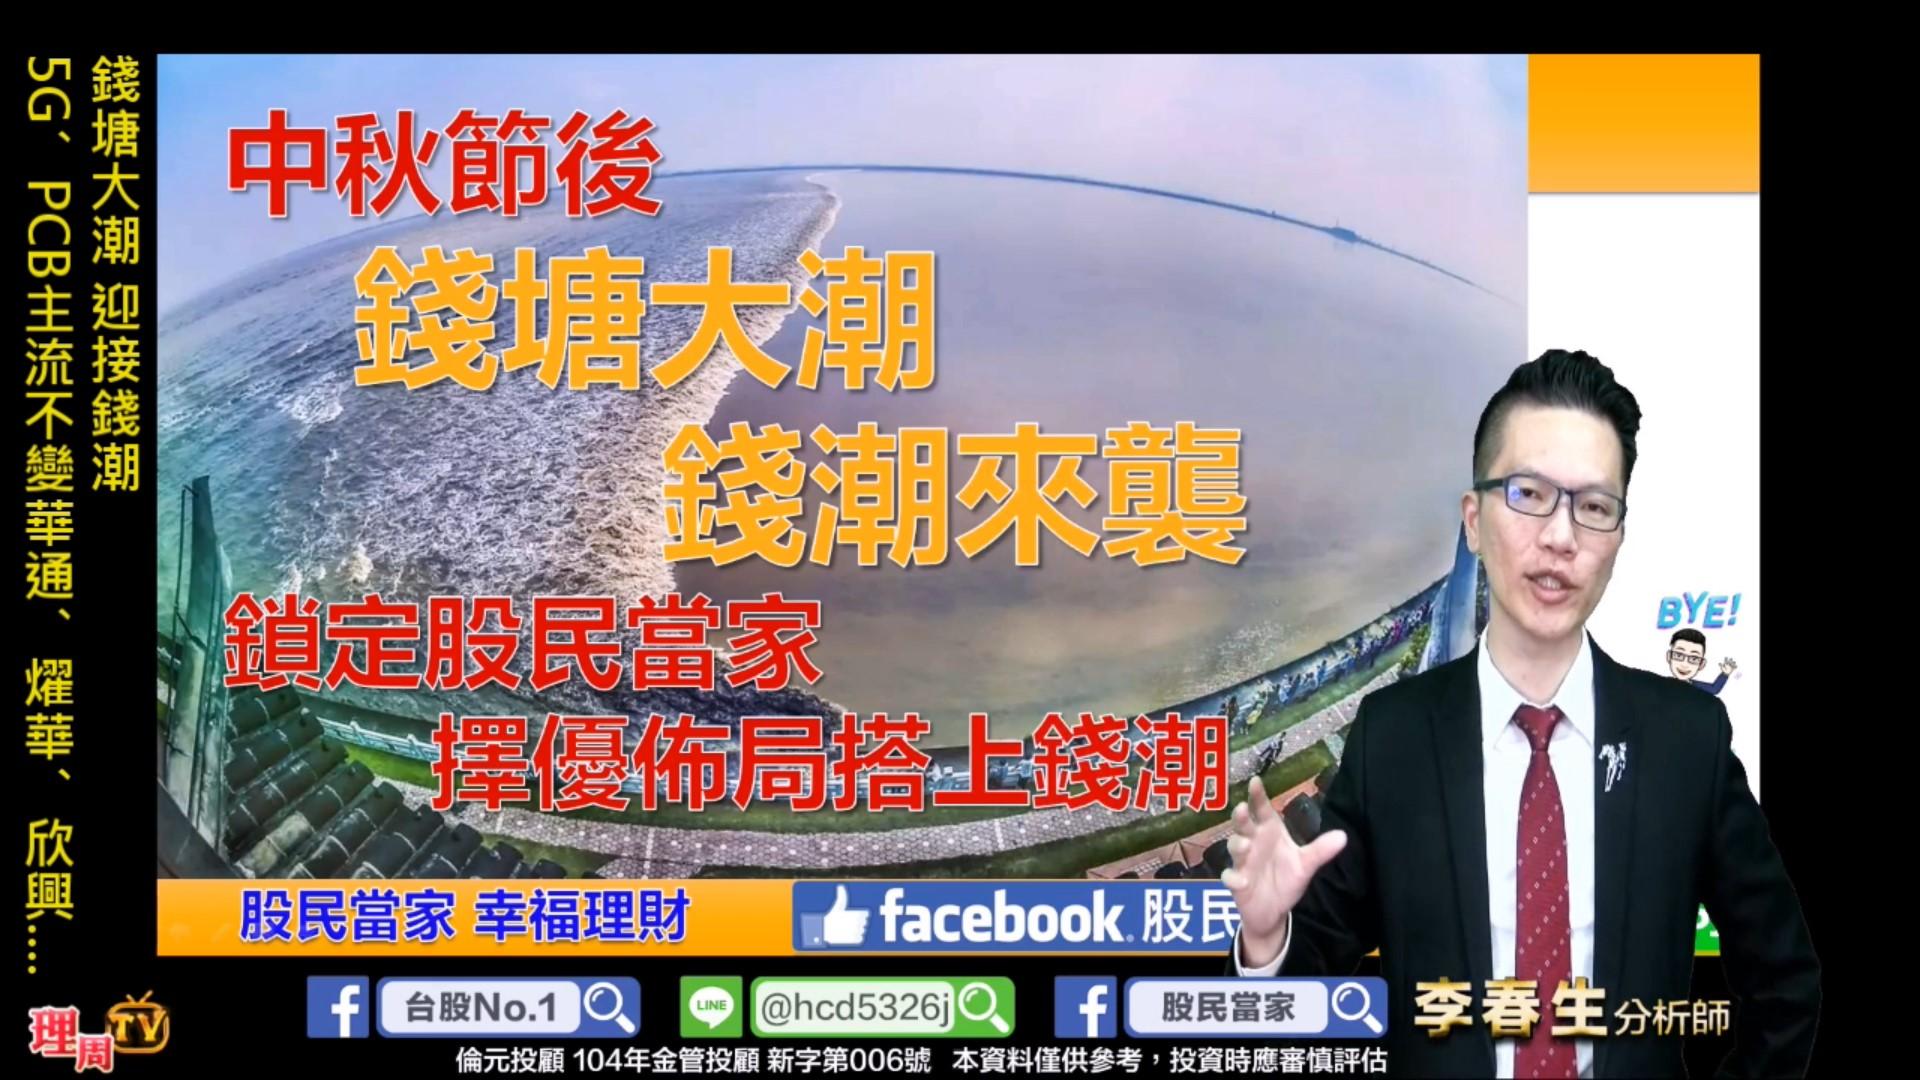 0911_錢塘大潮 迎接錢潮  5G、PCB主流不變、華通、燿華、欣興....